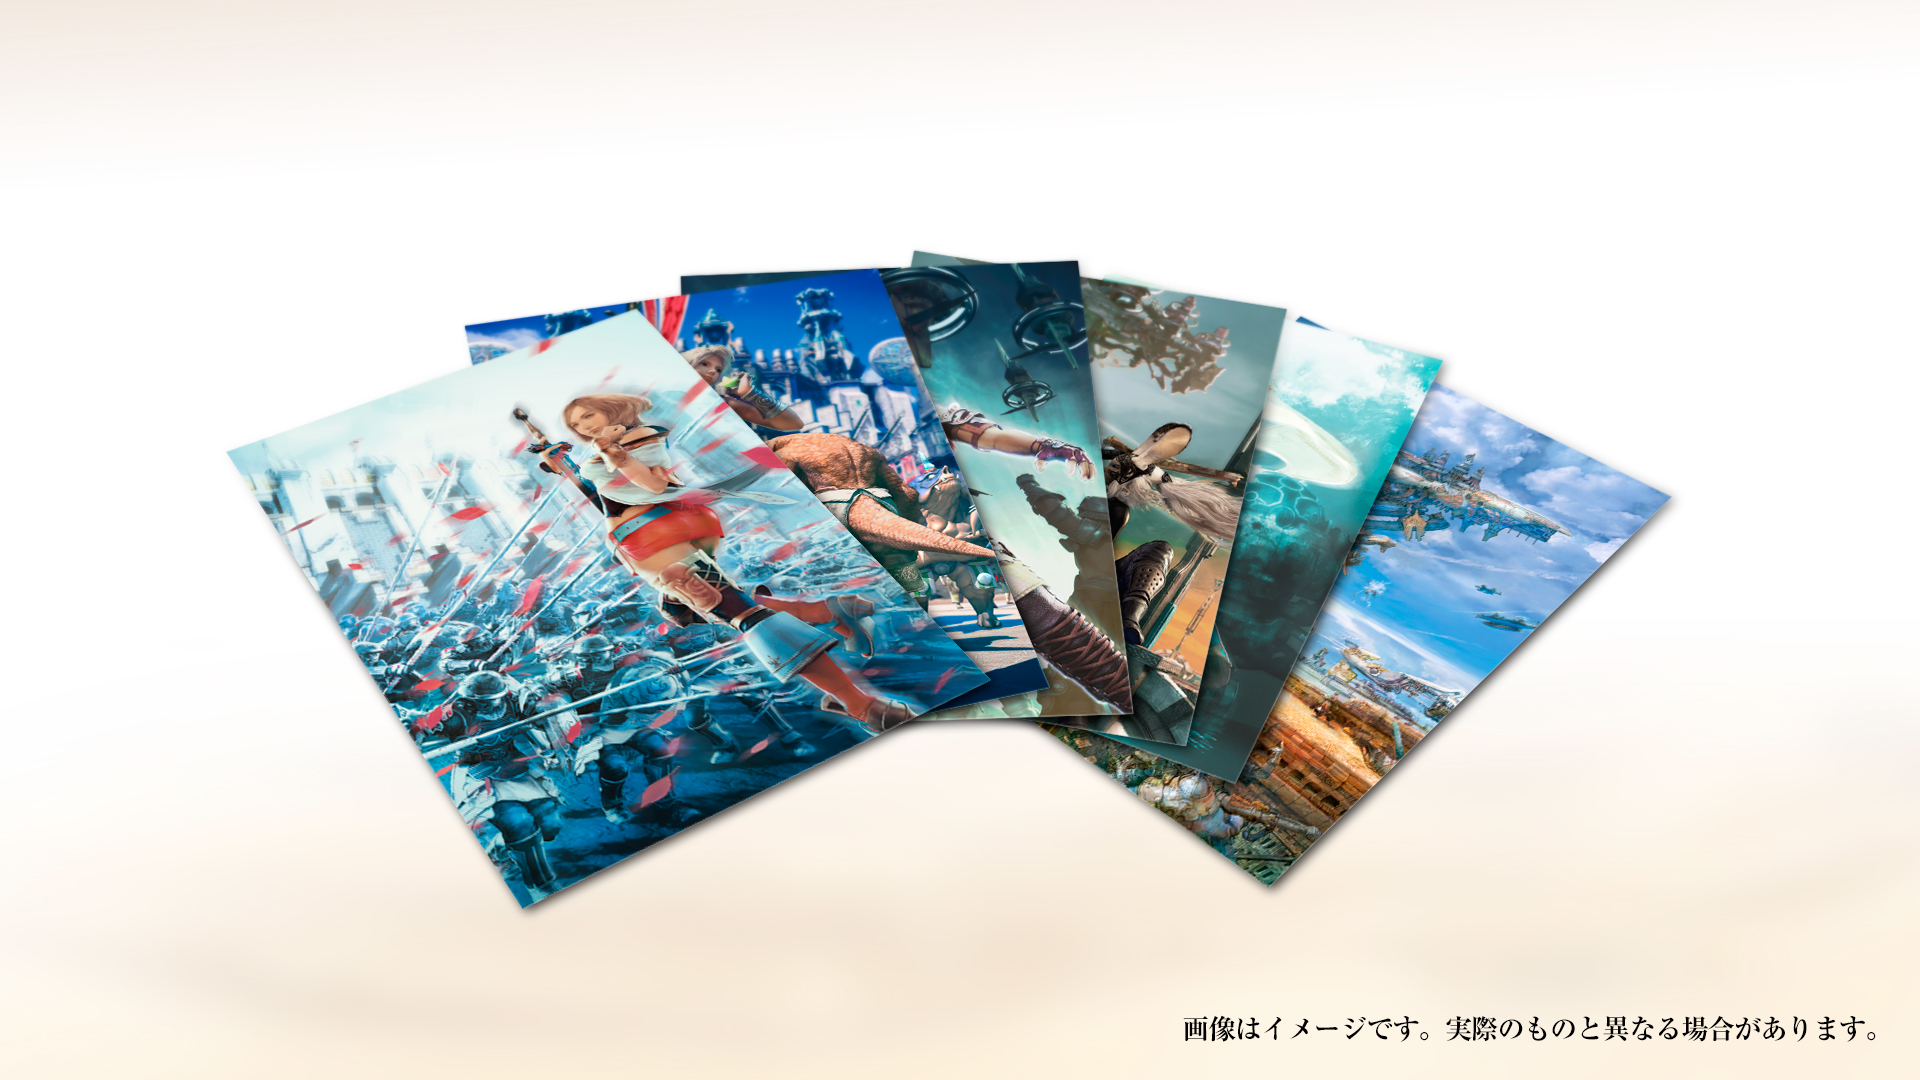 ファイナルファンタジーXII ザ ゾディアック エイジ コレクターズ エディション スチールブック